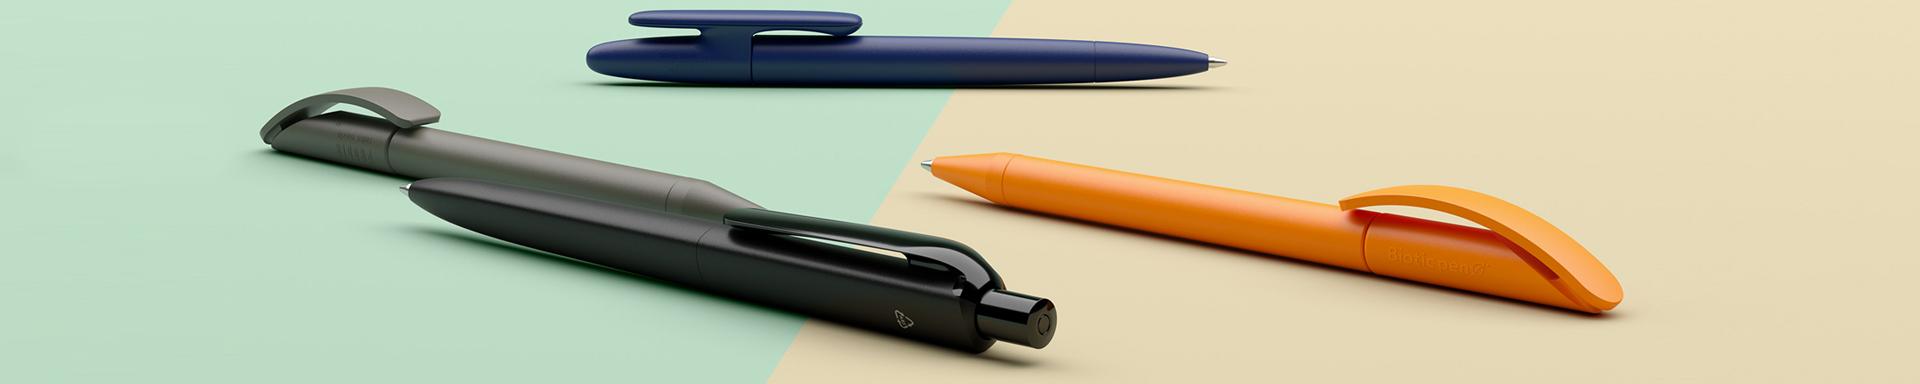 Kugelschreiber mit Werbung